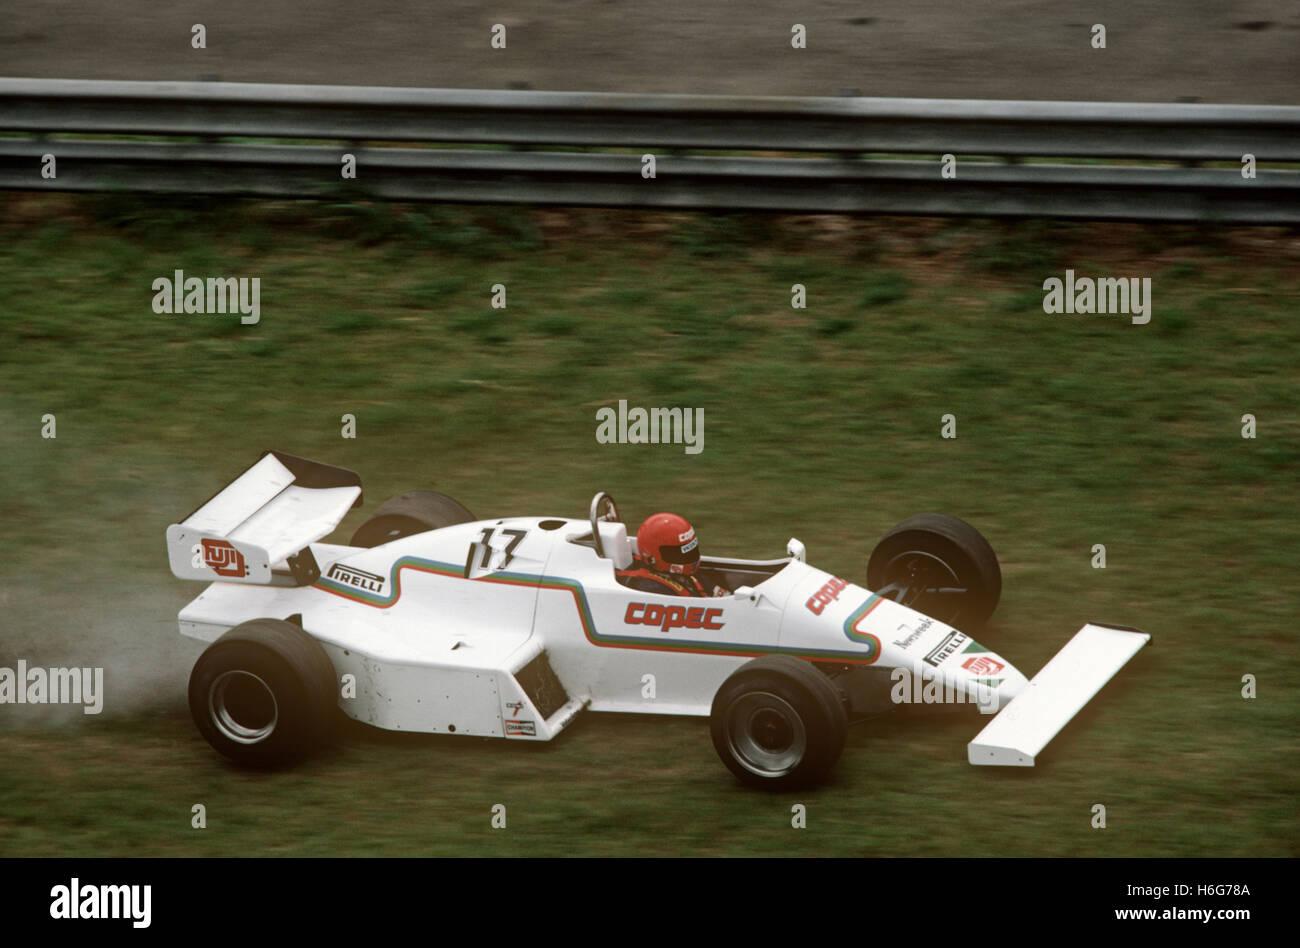 Eliseo Salazar, de marzo de 1983 GP de Brasil en Río Sudamericano de fórmula especial sobre hierba en Imagen De Stock